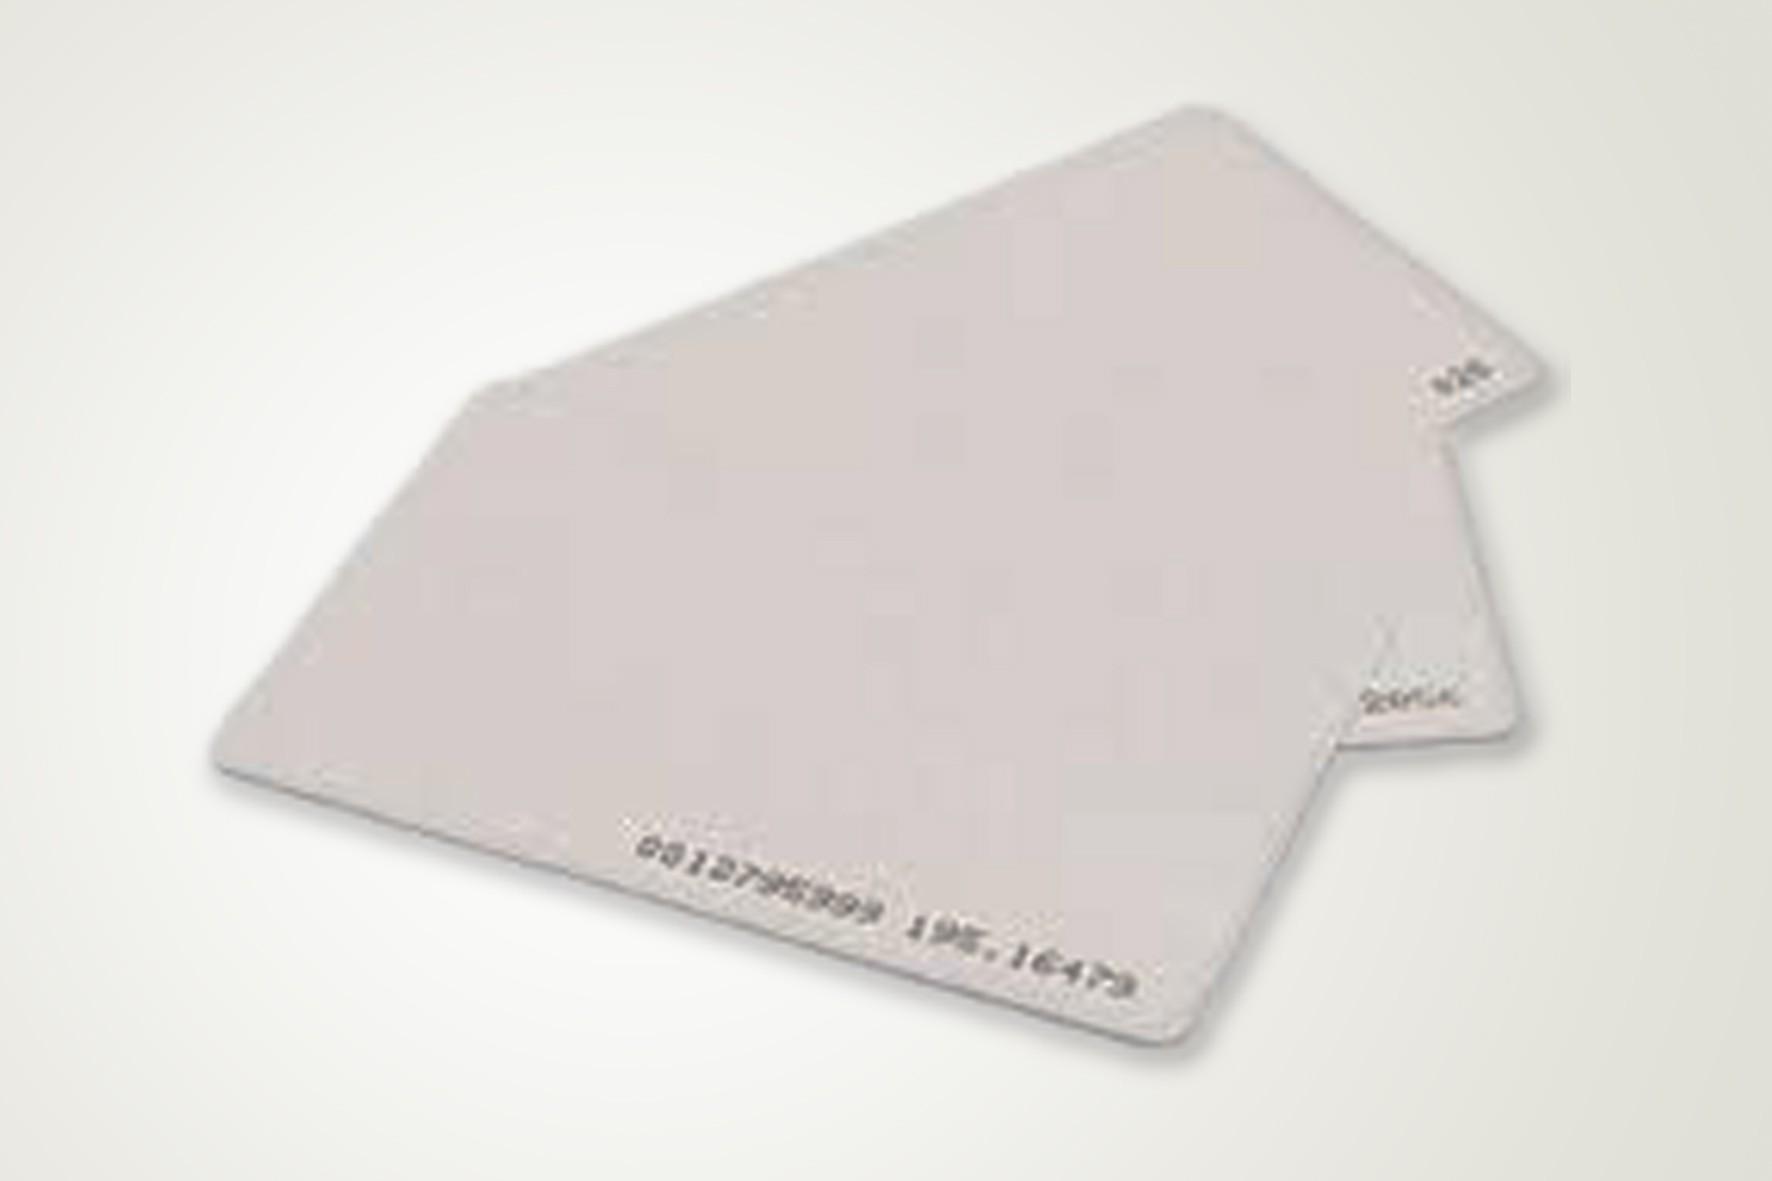 Cartão com Chip de Aproximidade no Conjunto Habitacional Marechal Mascarenha de - Confecção de Crachá